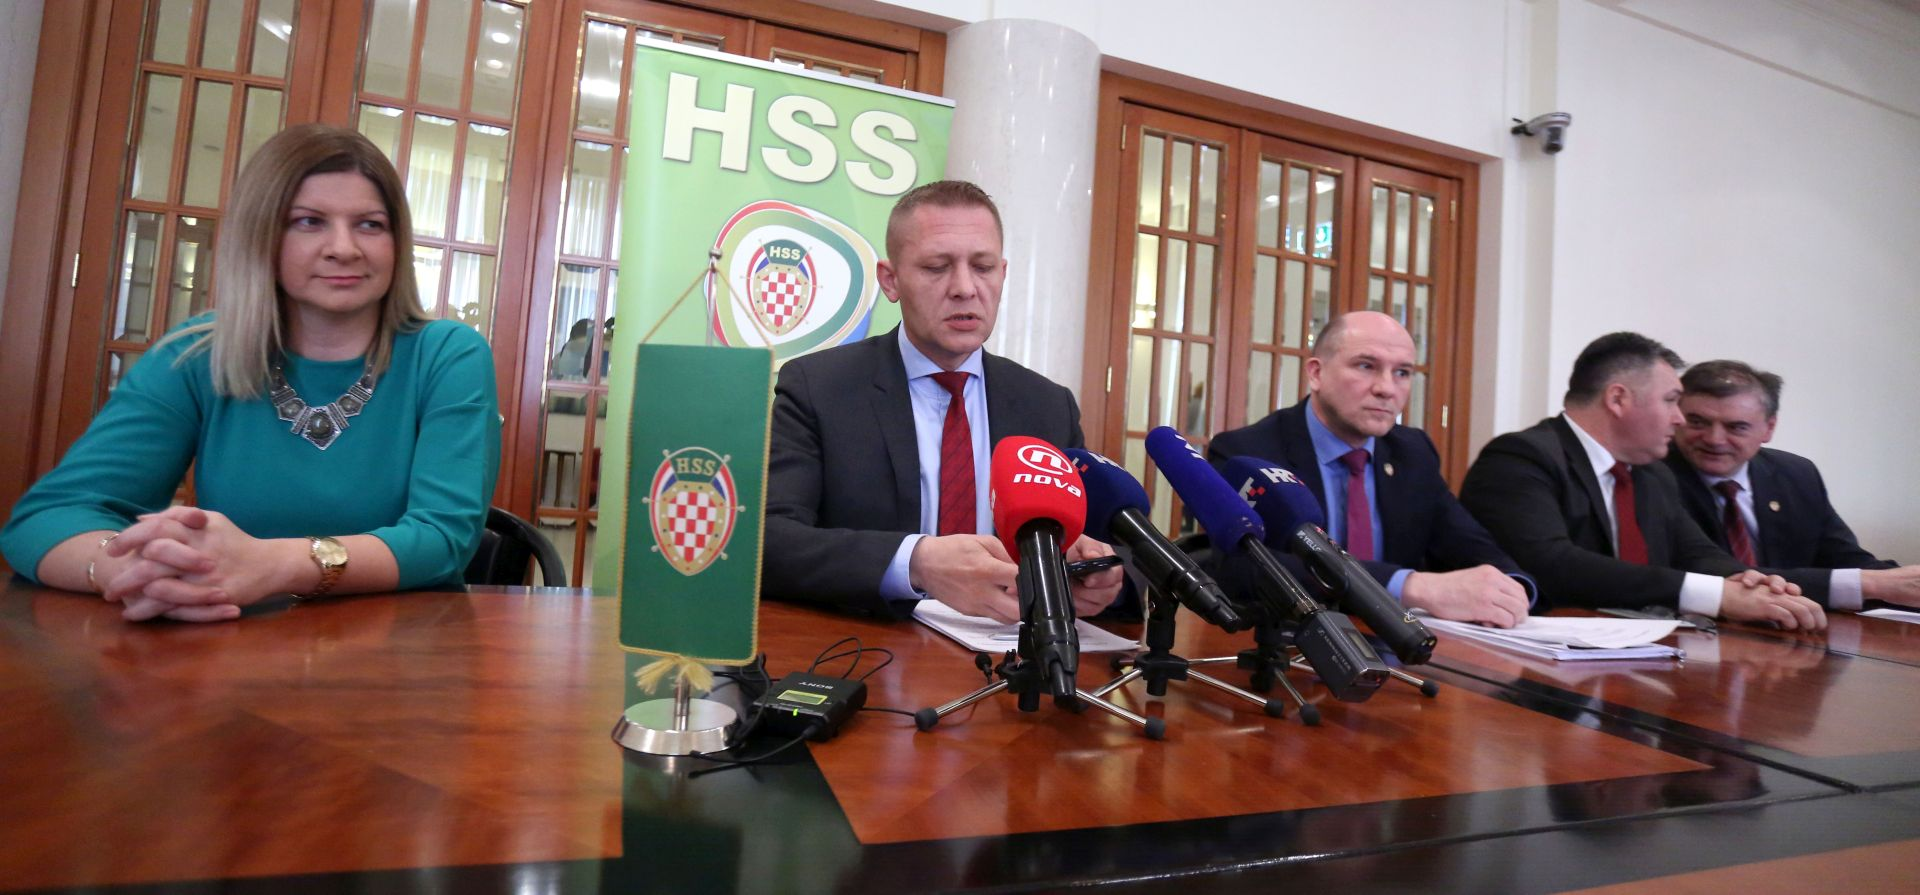 """BELJAK: """"Bošnjački političari u BiH ponašaju kao srpski u bivšoj Jugoslaviji"""""""